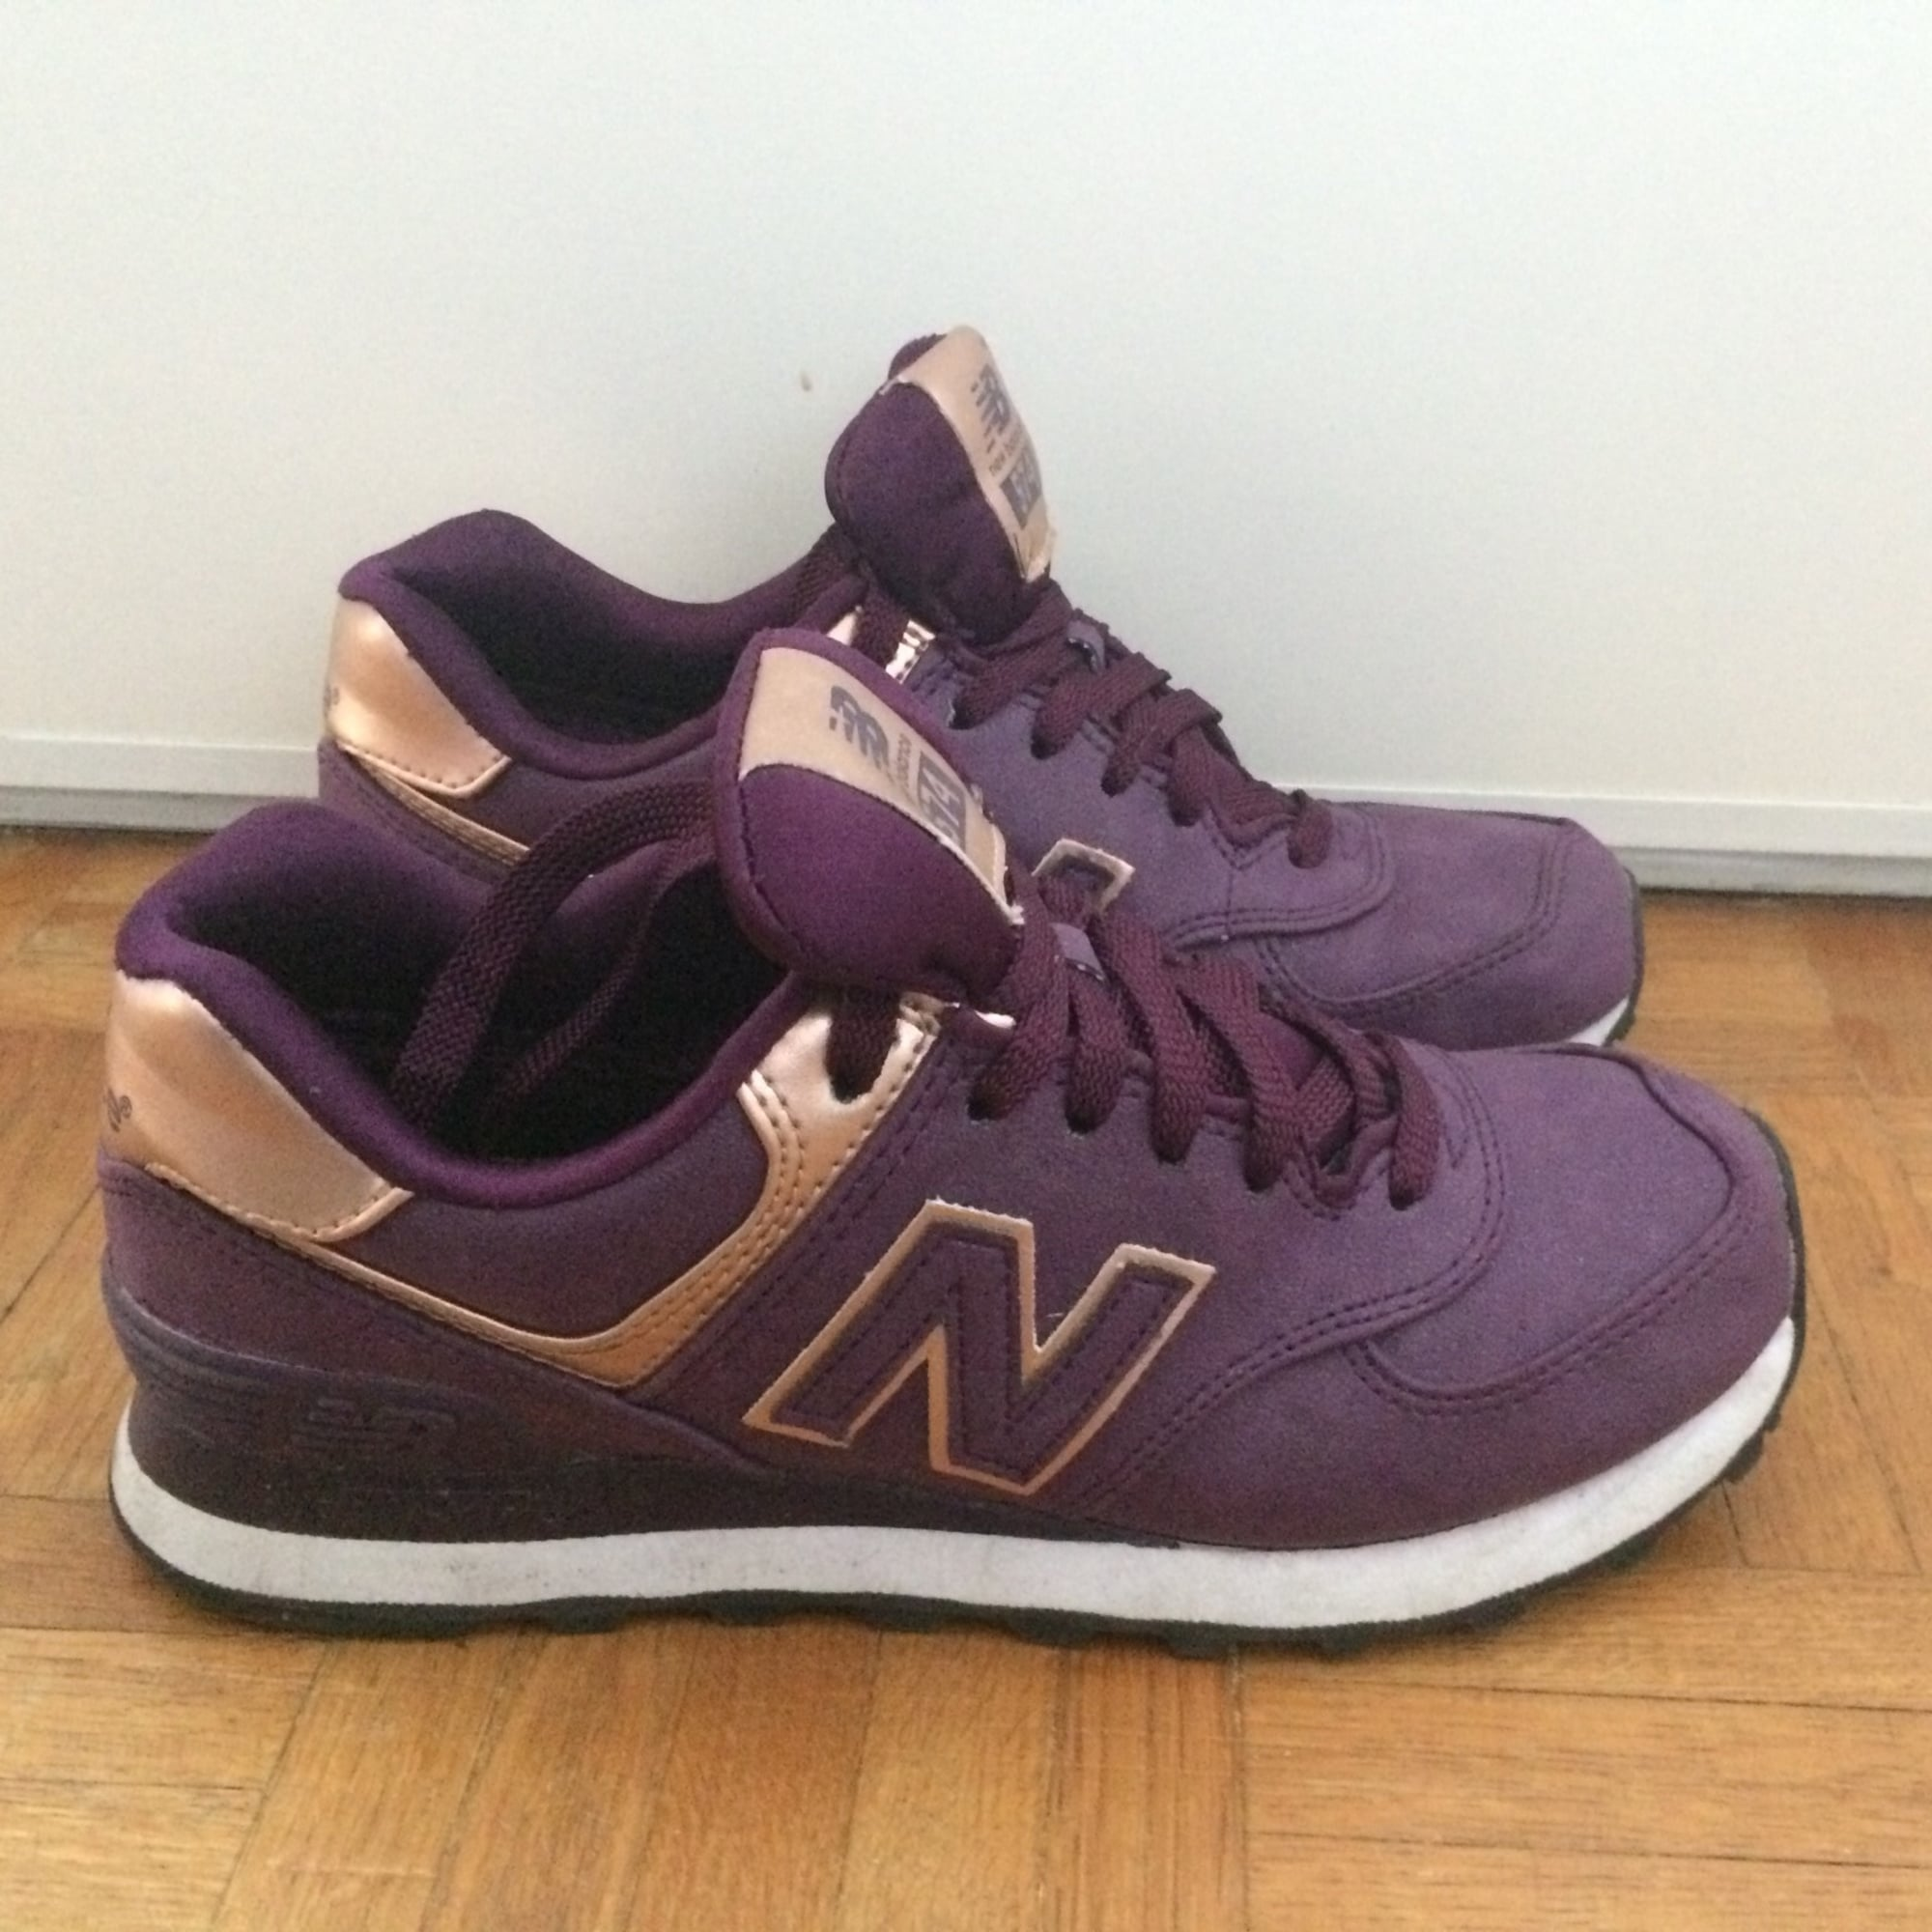 basket garcon 37 new balance couler violet